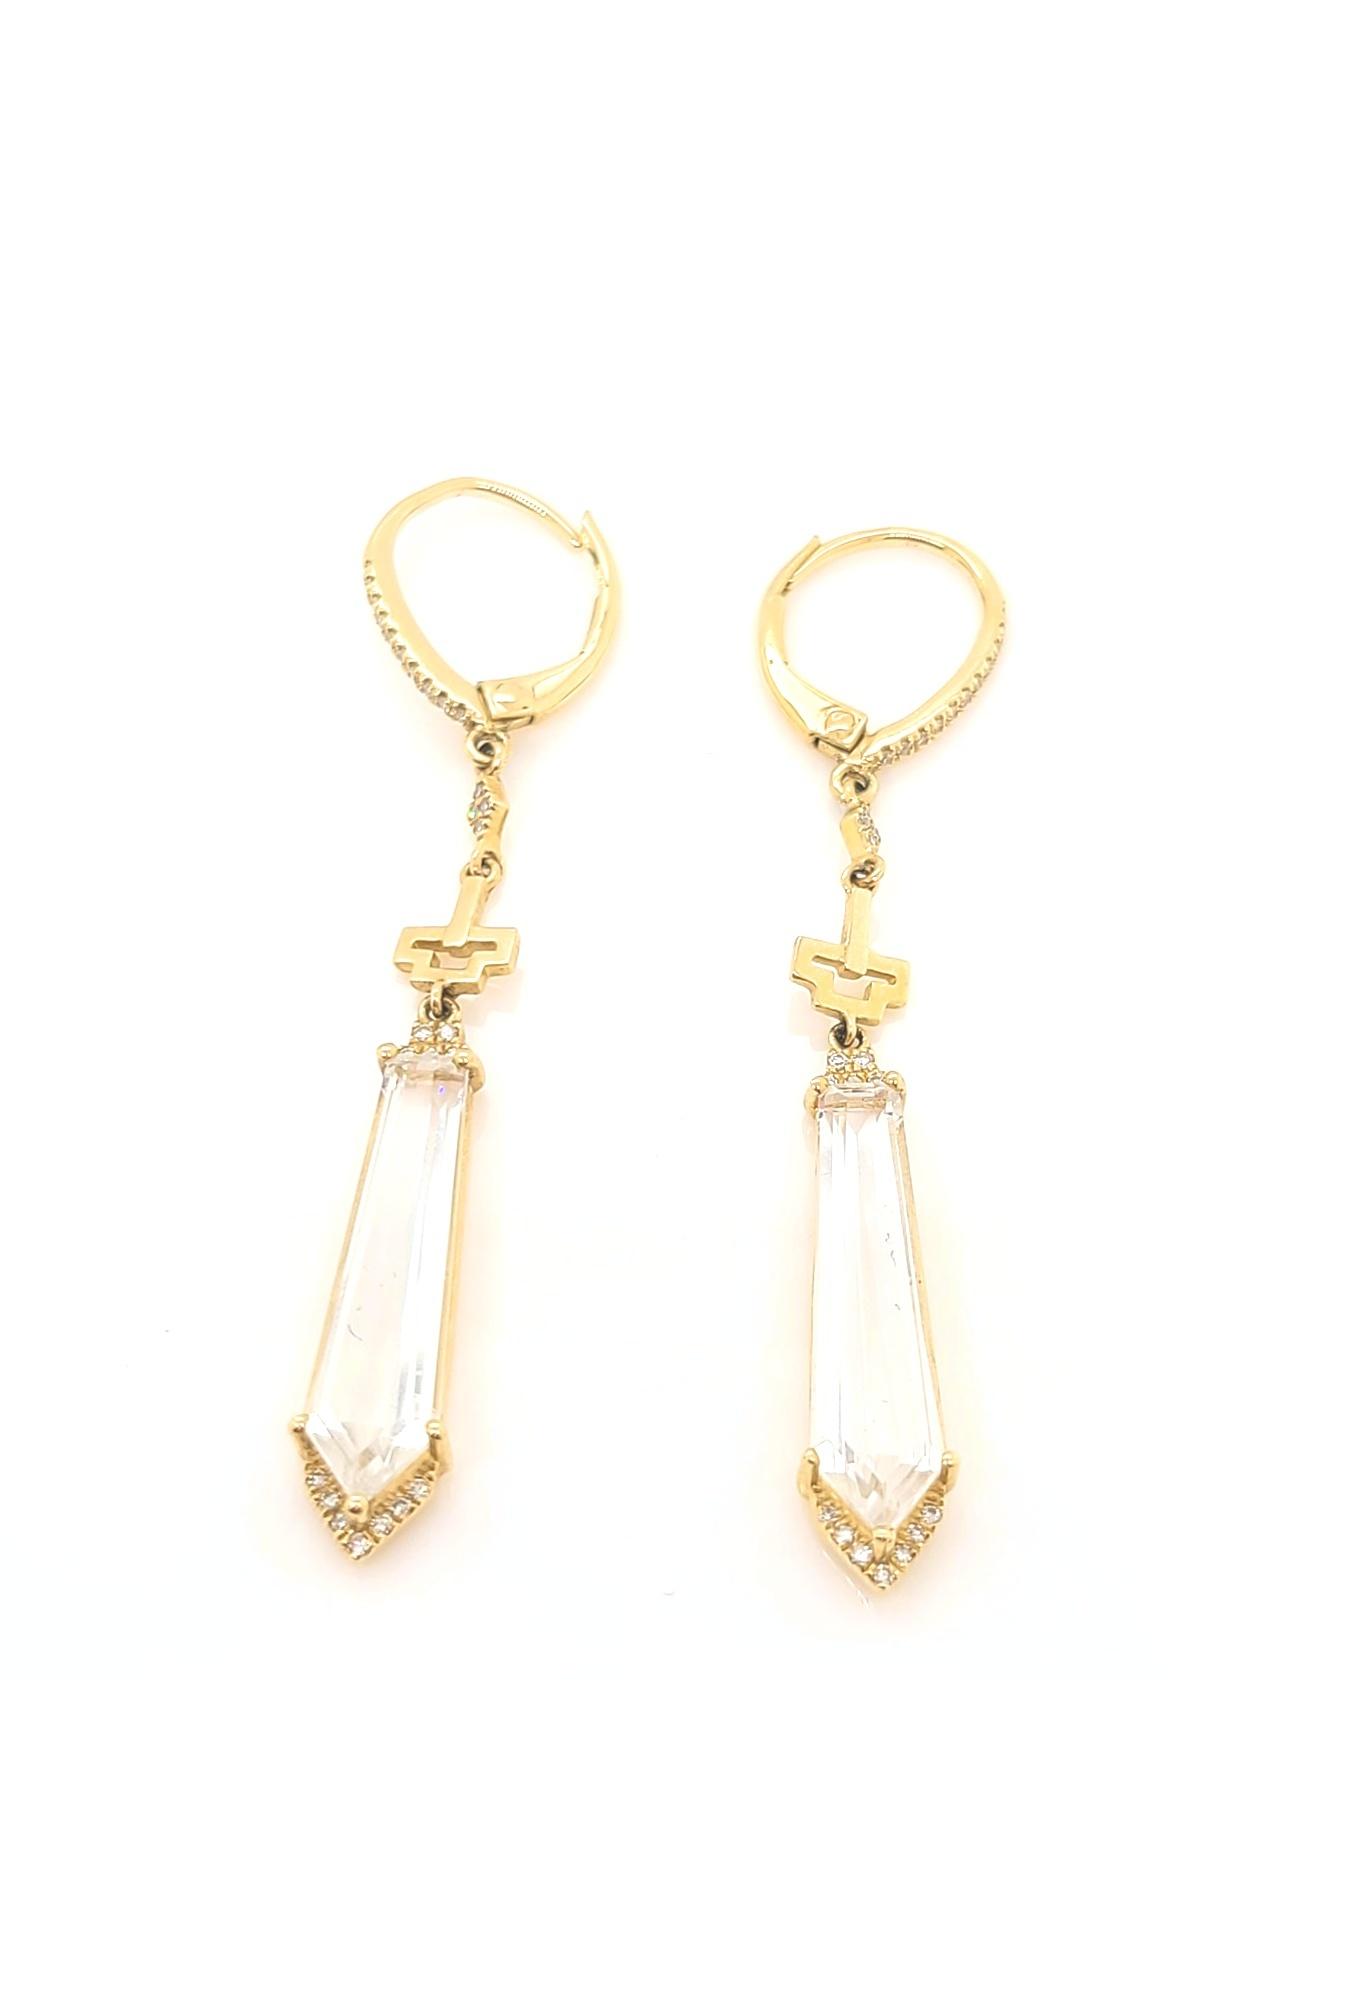 14kt Yellow Gold & White Topaz Dangle Earrings